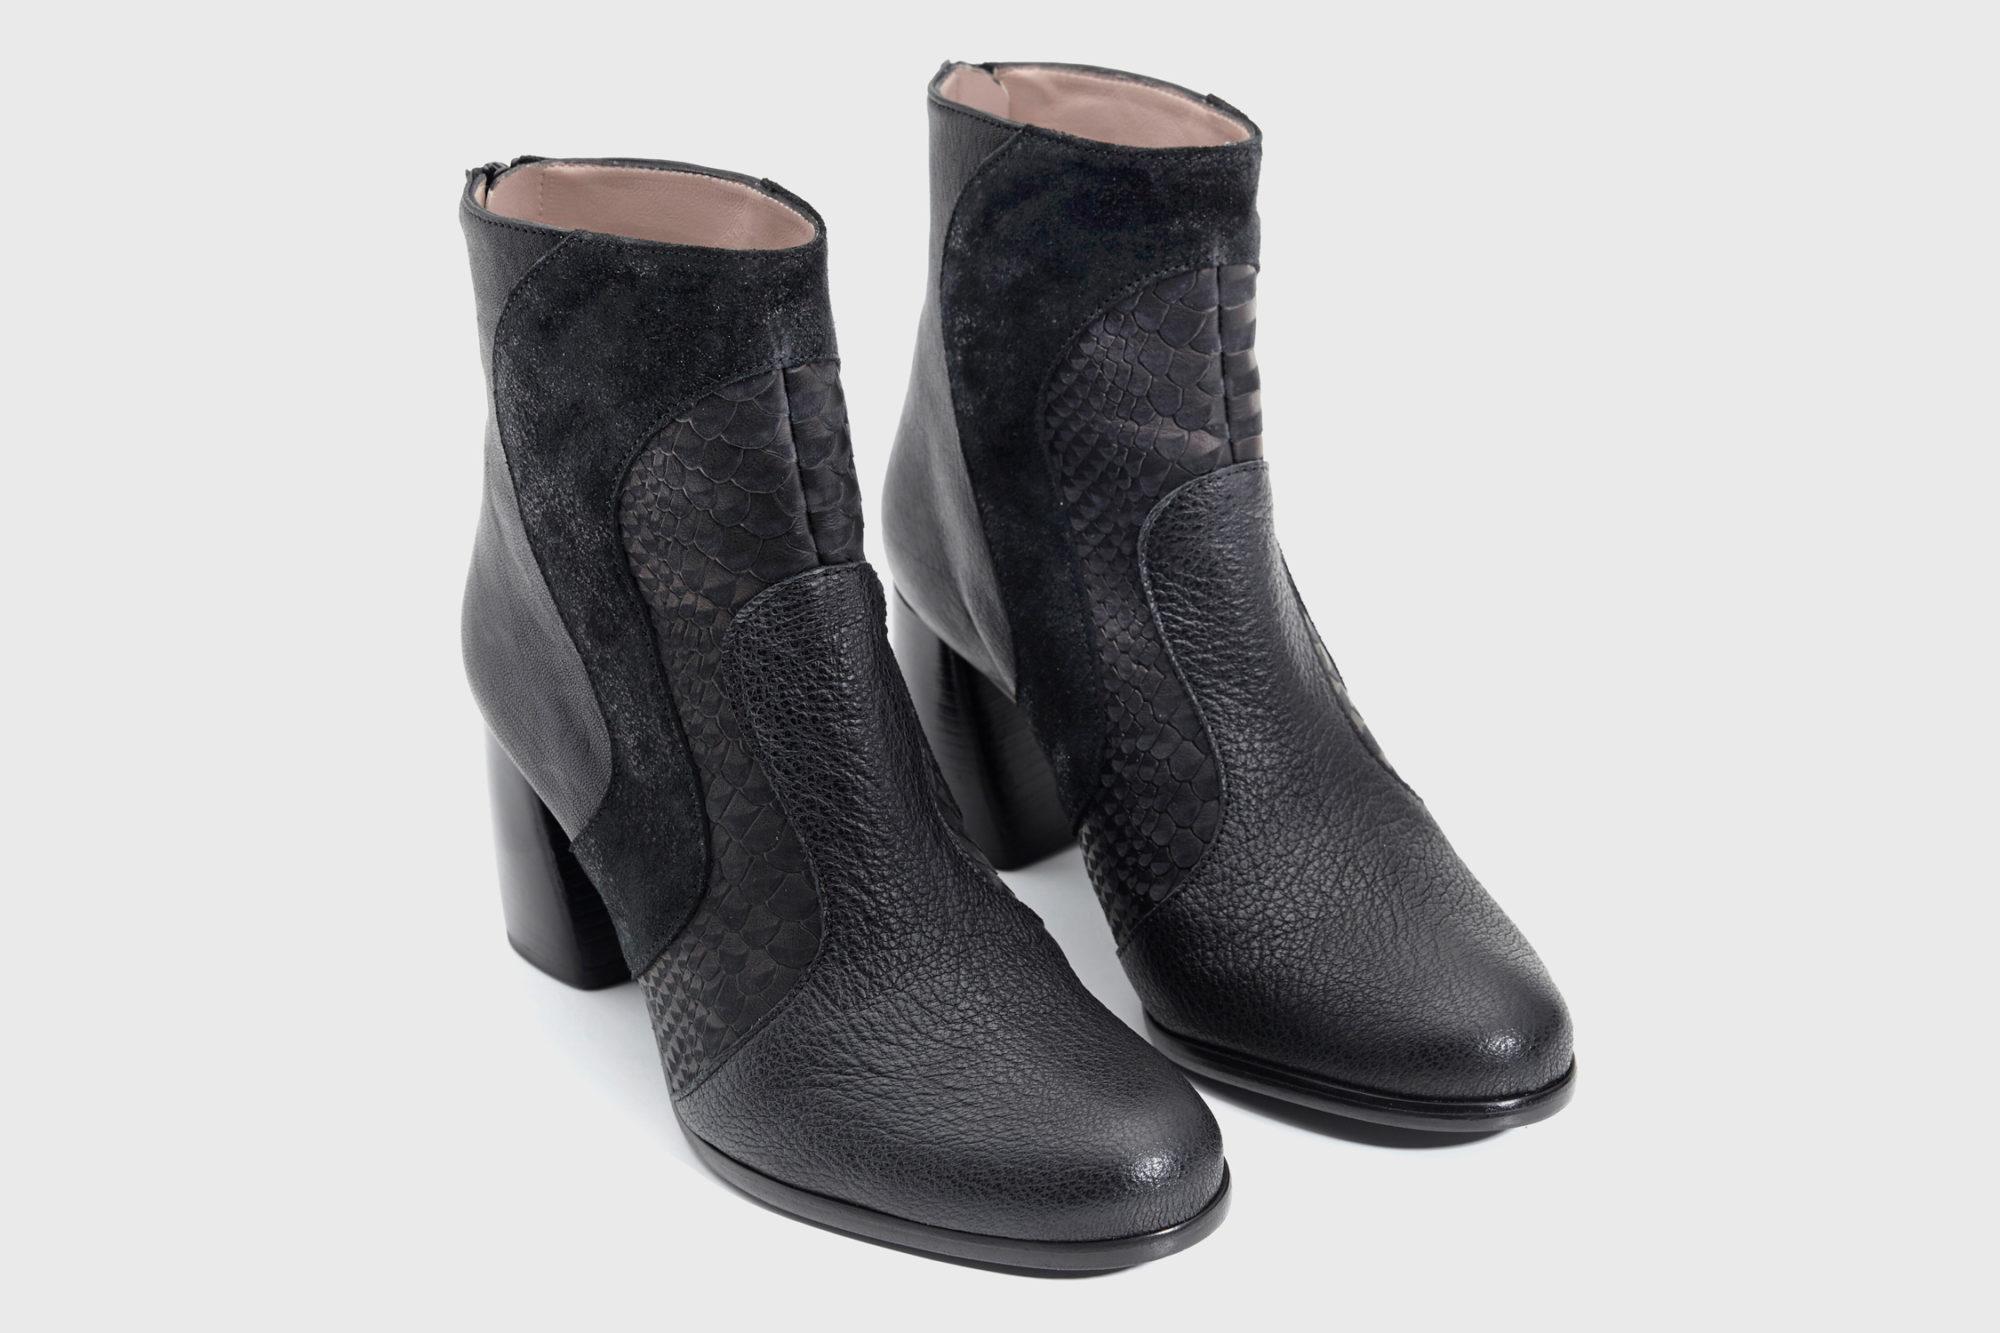 Dorotea botín de tacón alto Joy color negro fw18 par